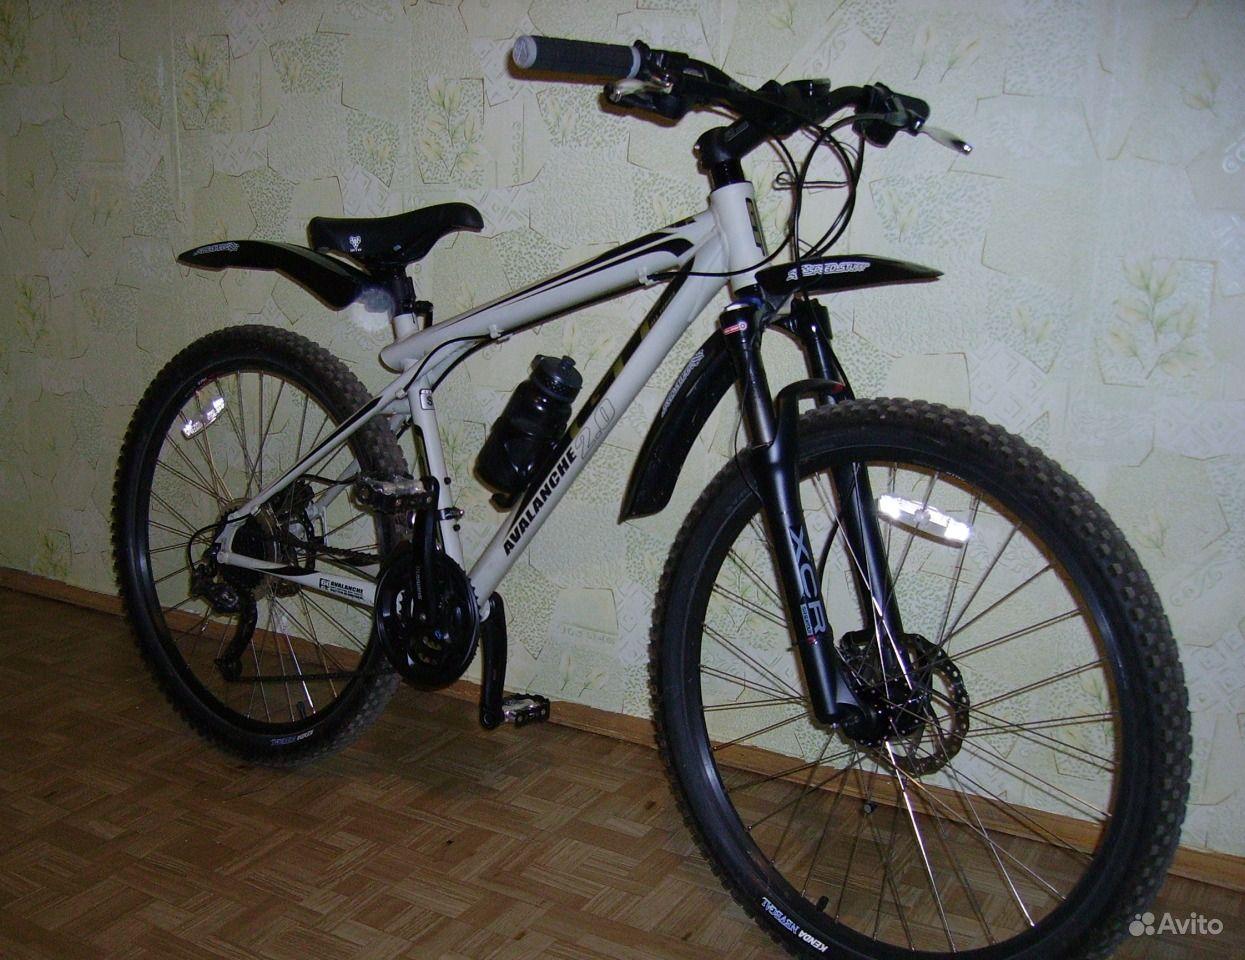 Купить велосипед GT Avalanche 2 (2 13) — выгодные